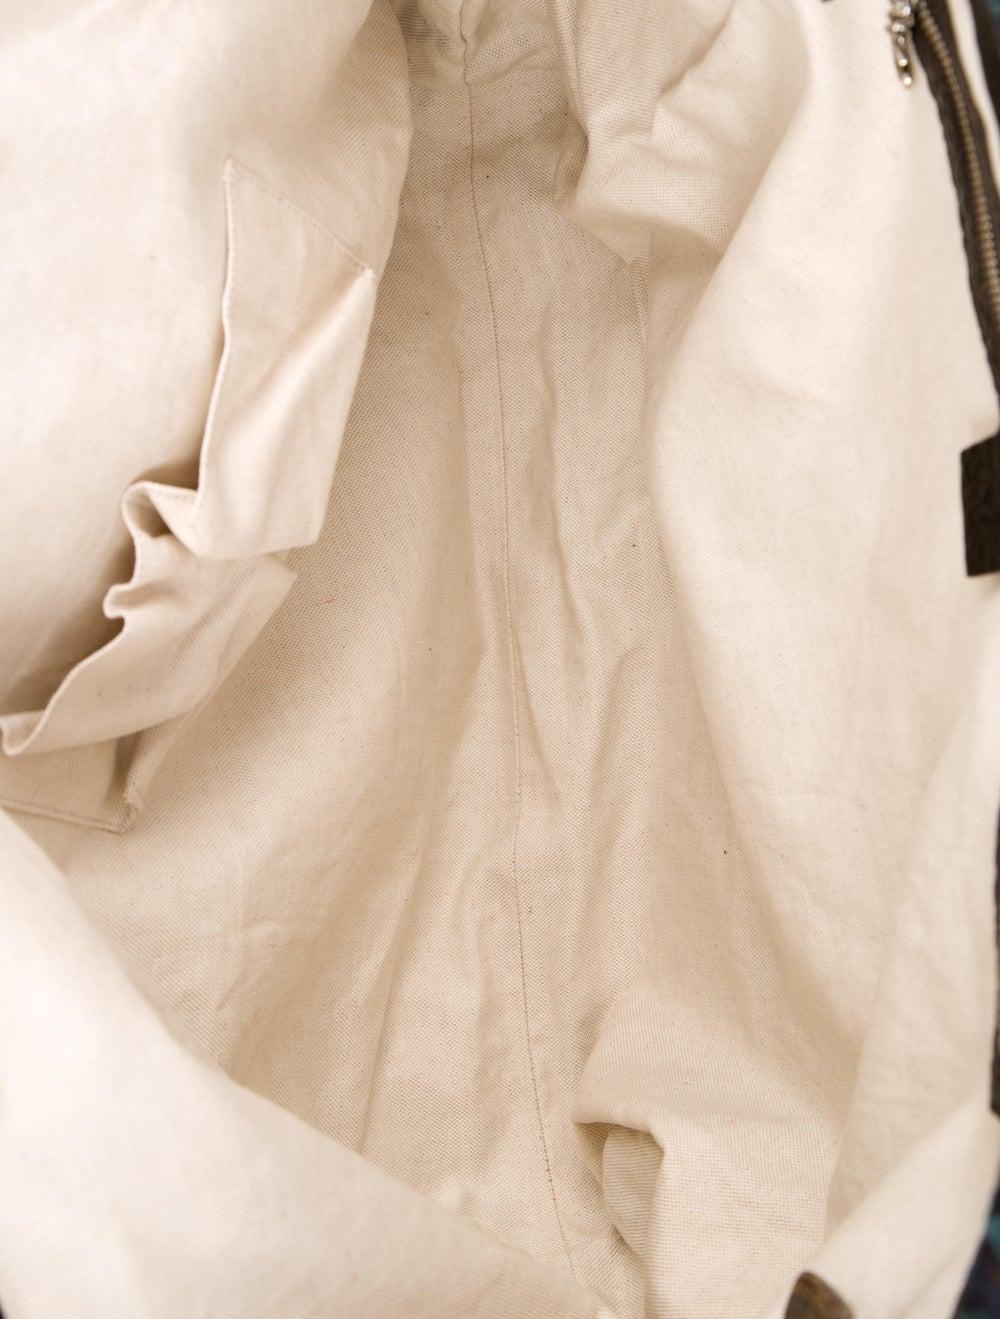 Gucci Woven Jacquard Tote multicolor - image 5